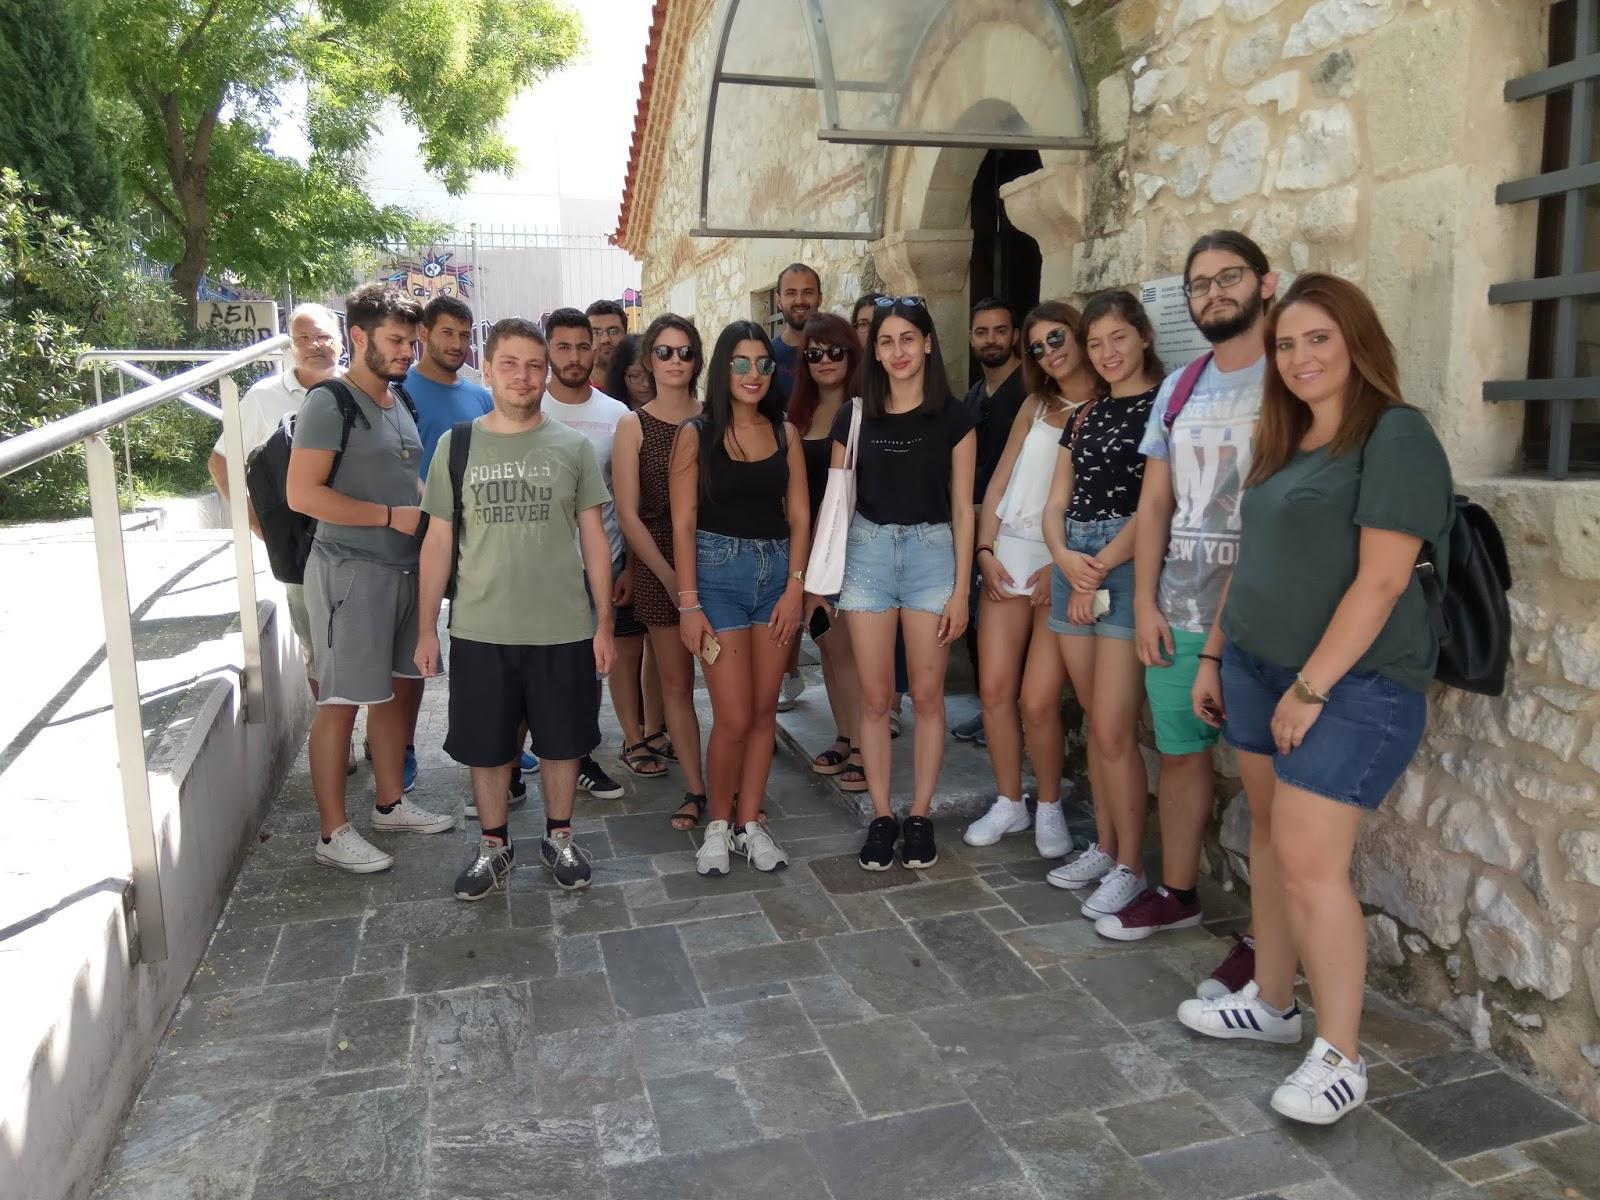 Κύπριοι φοιτητές στο Μουσείο Εθνικής Αντίστασης Λάρισας